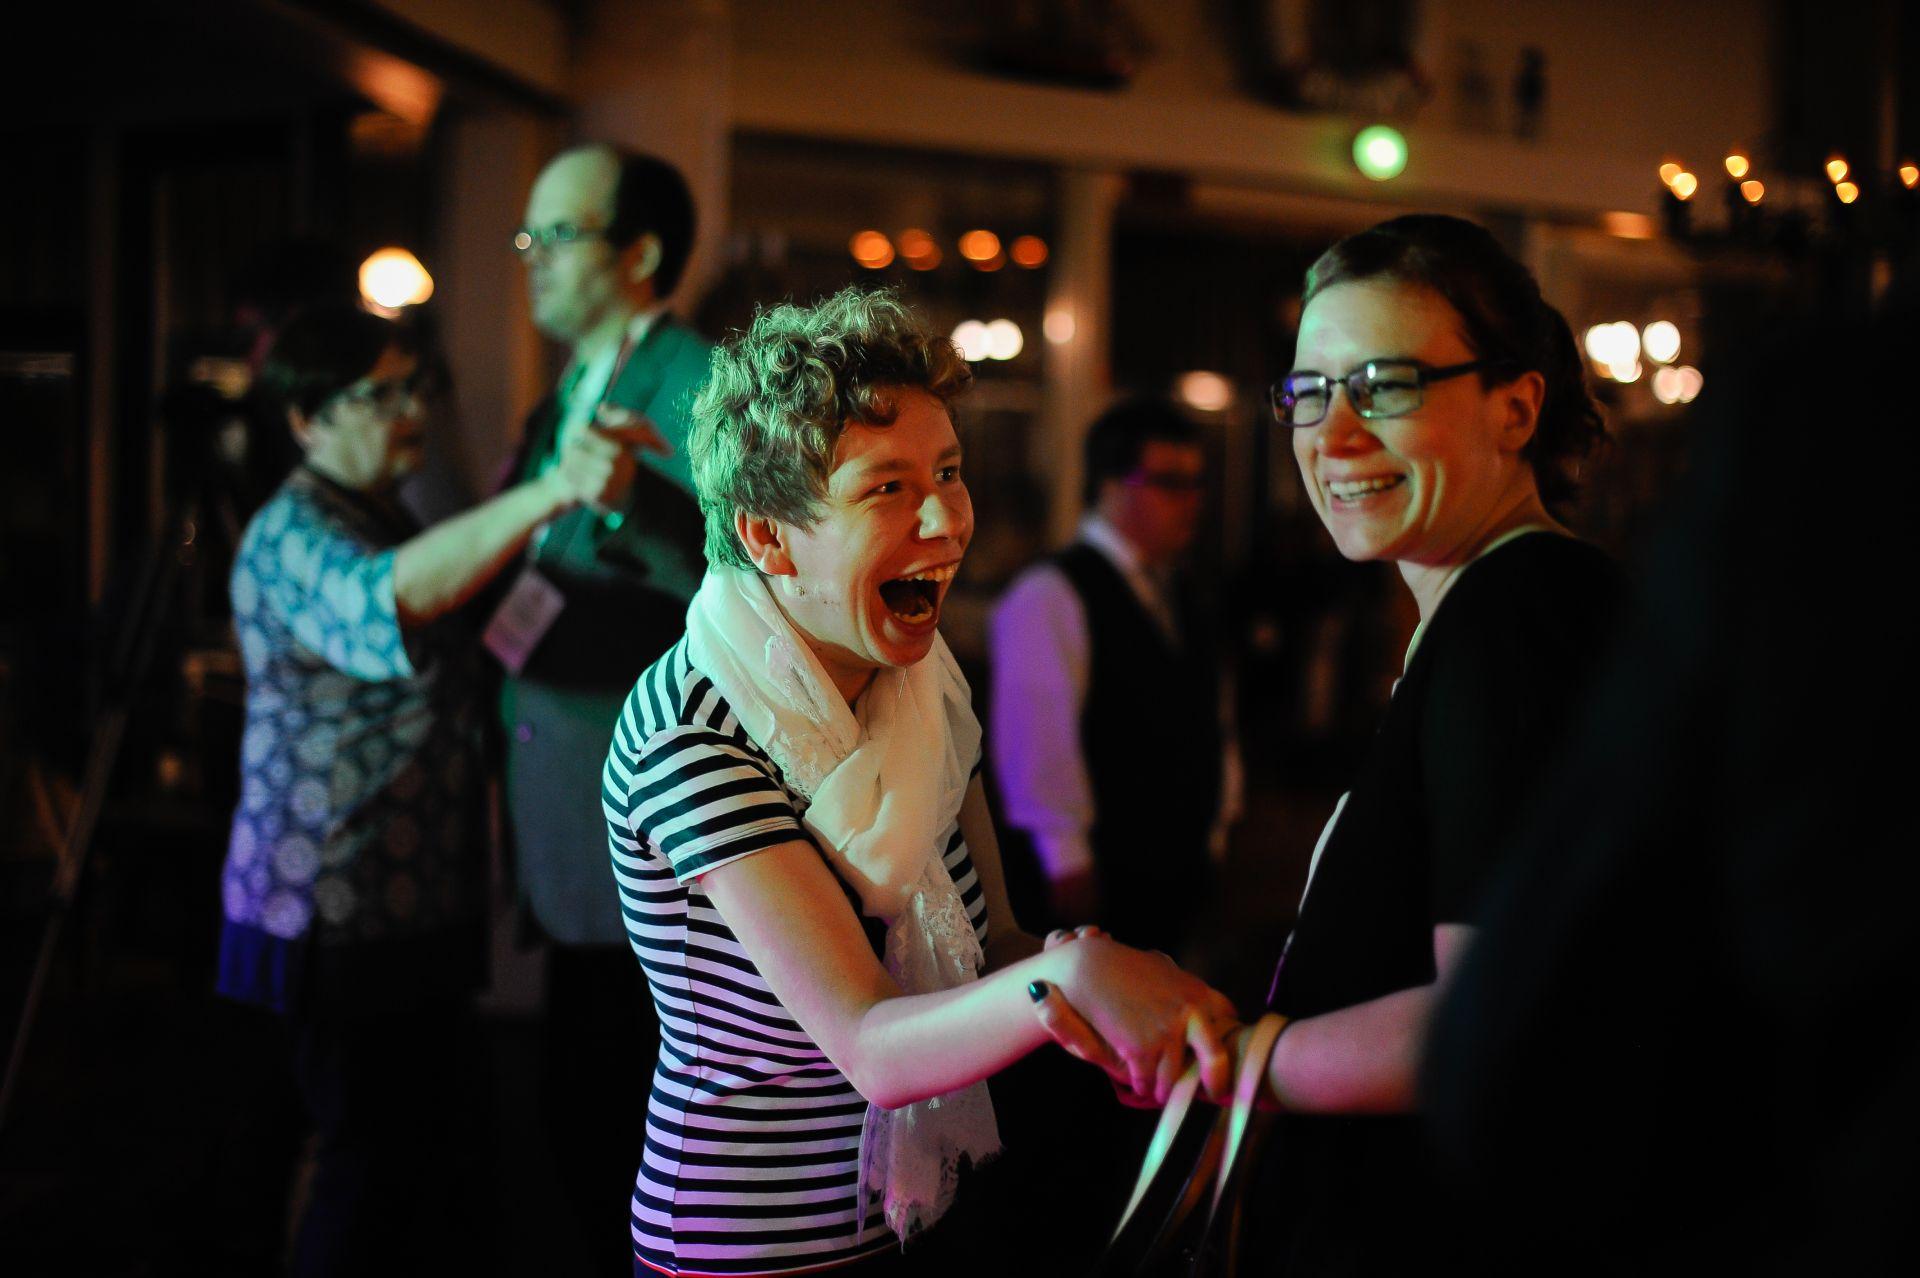 Två glada personer dansar.